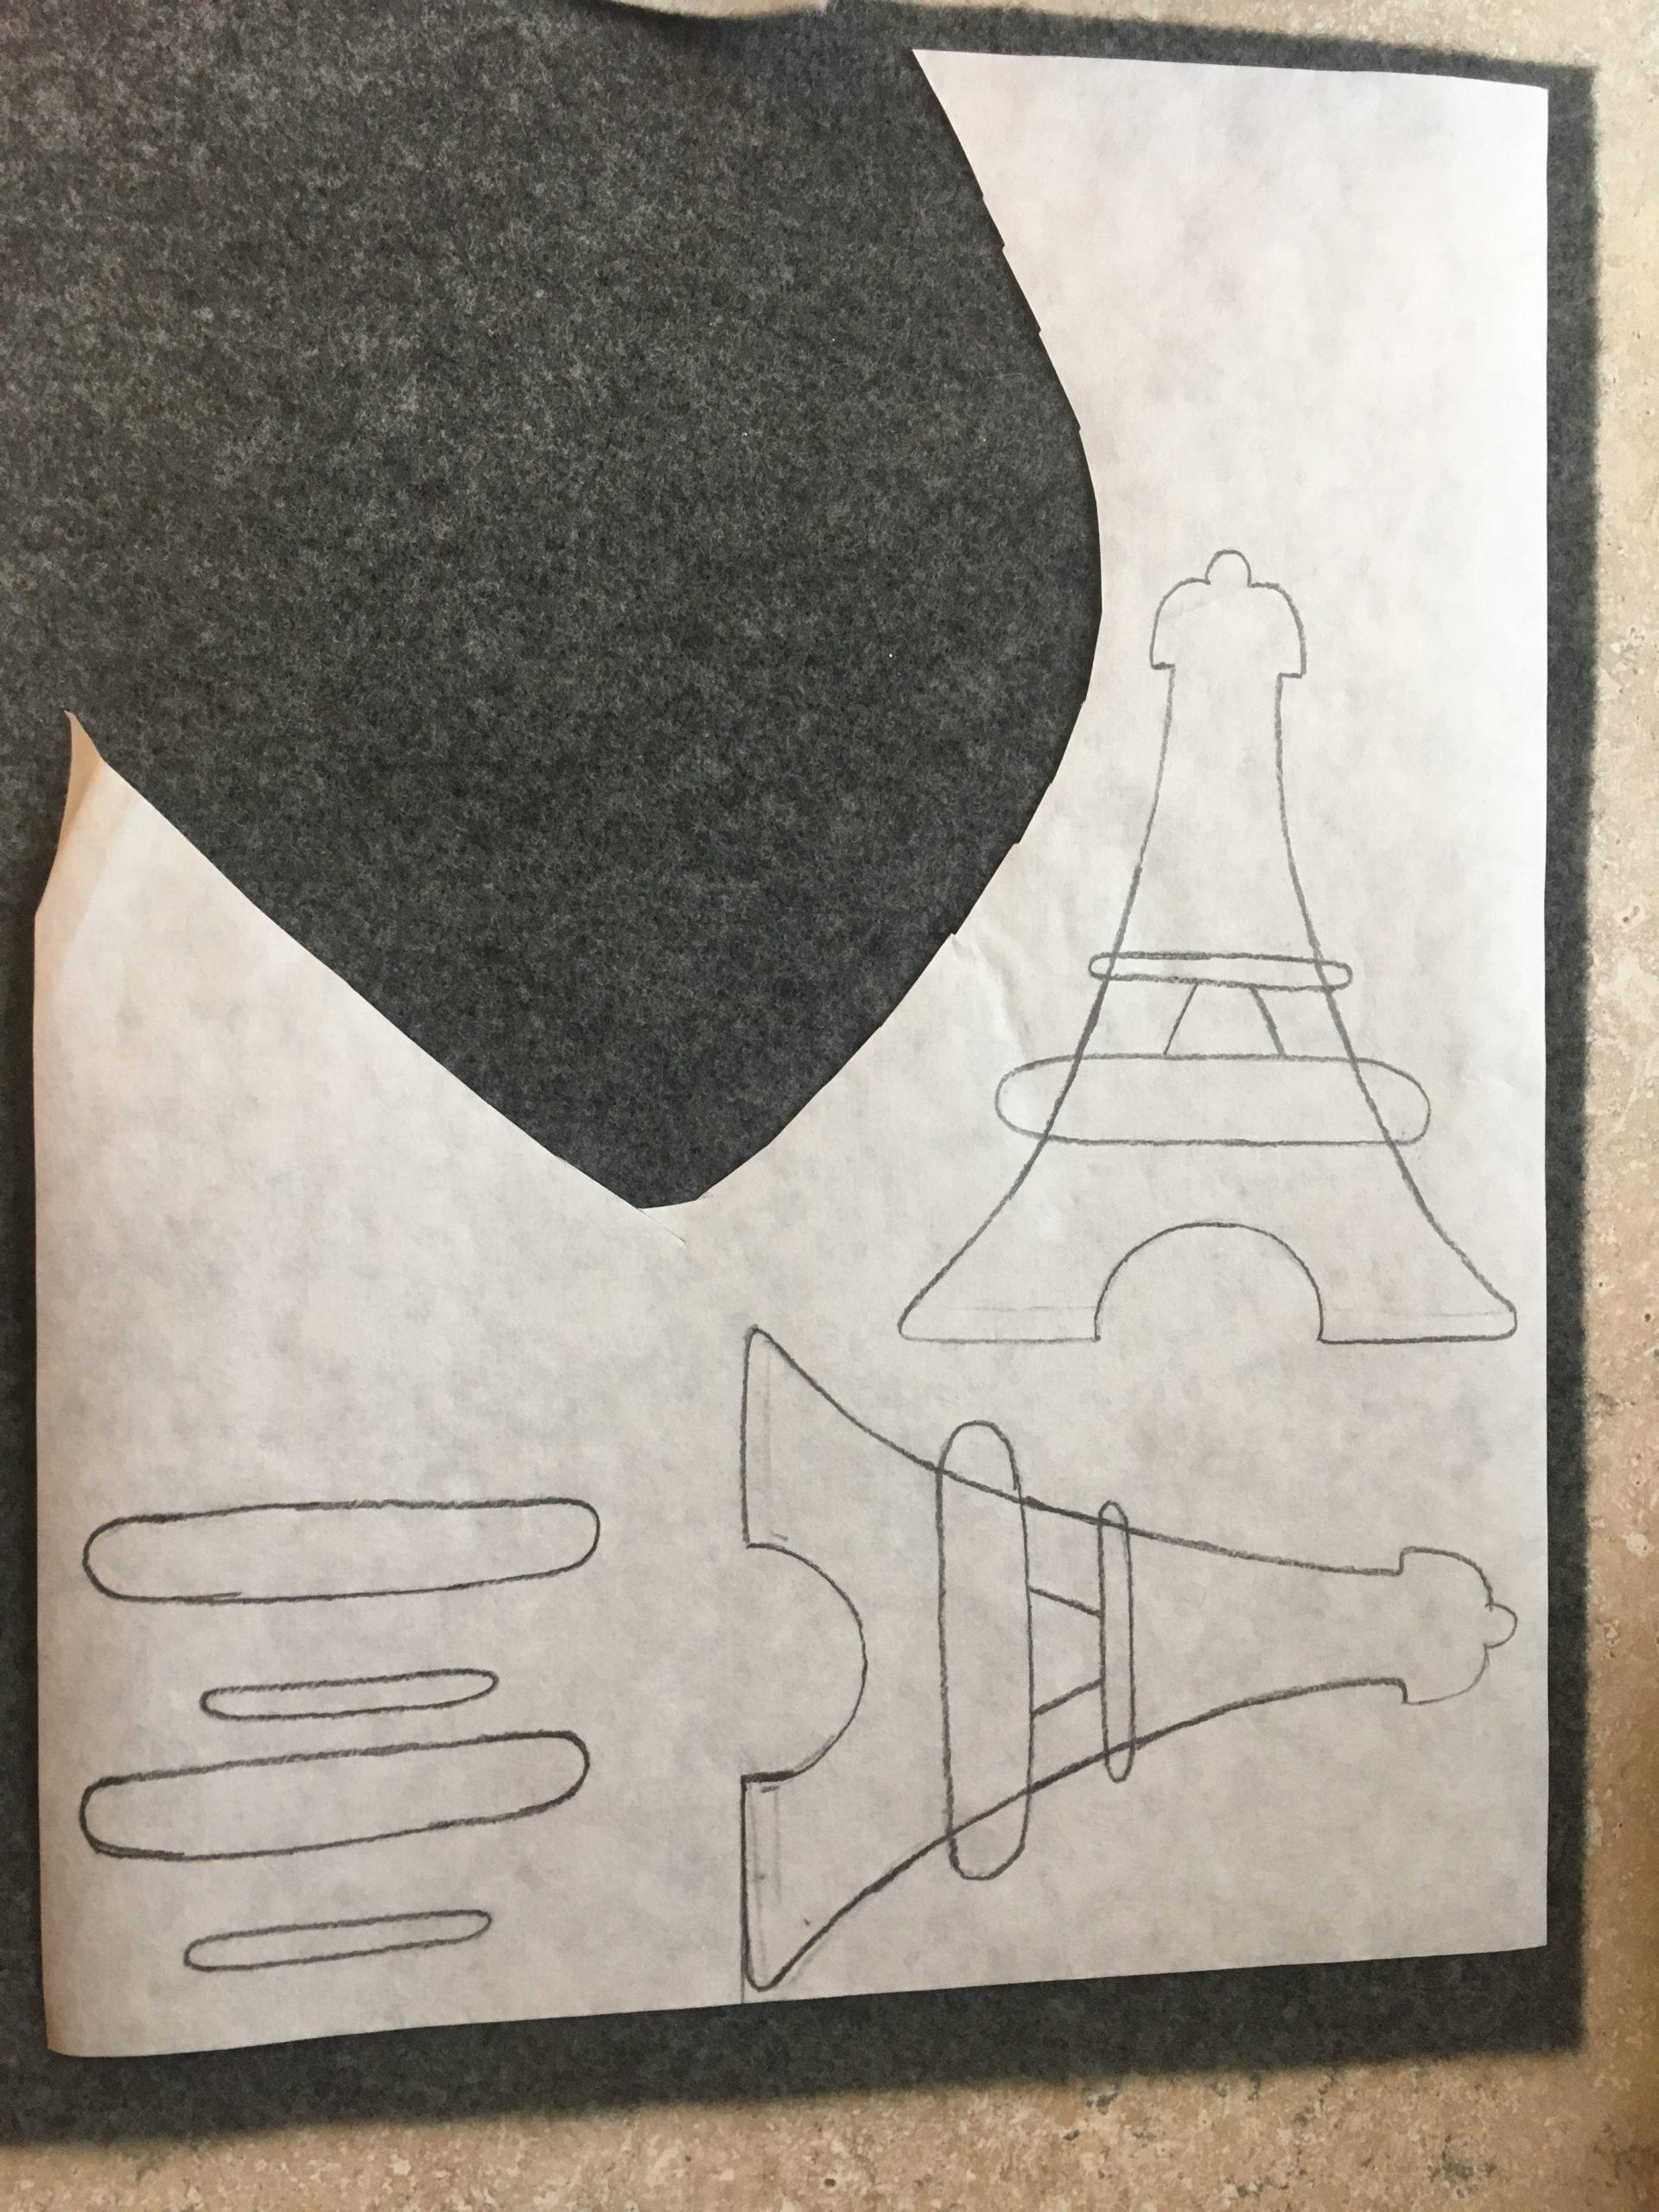 Dessins des motifs de Tour Eiffel sur papier ciré.